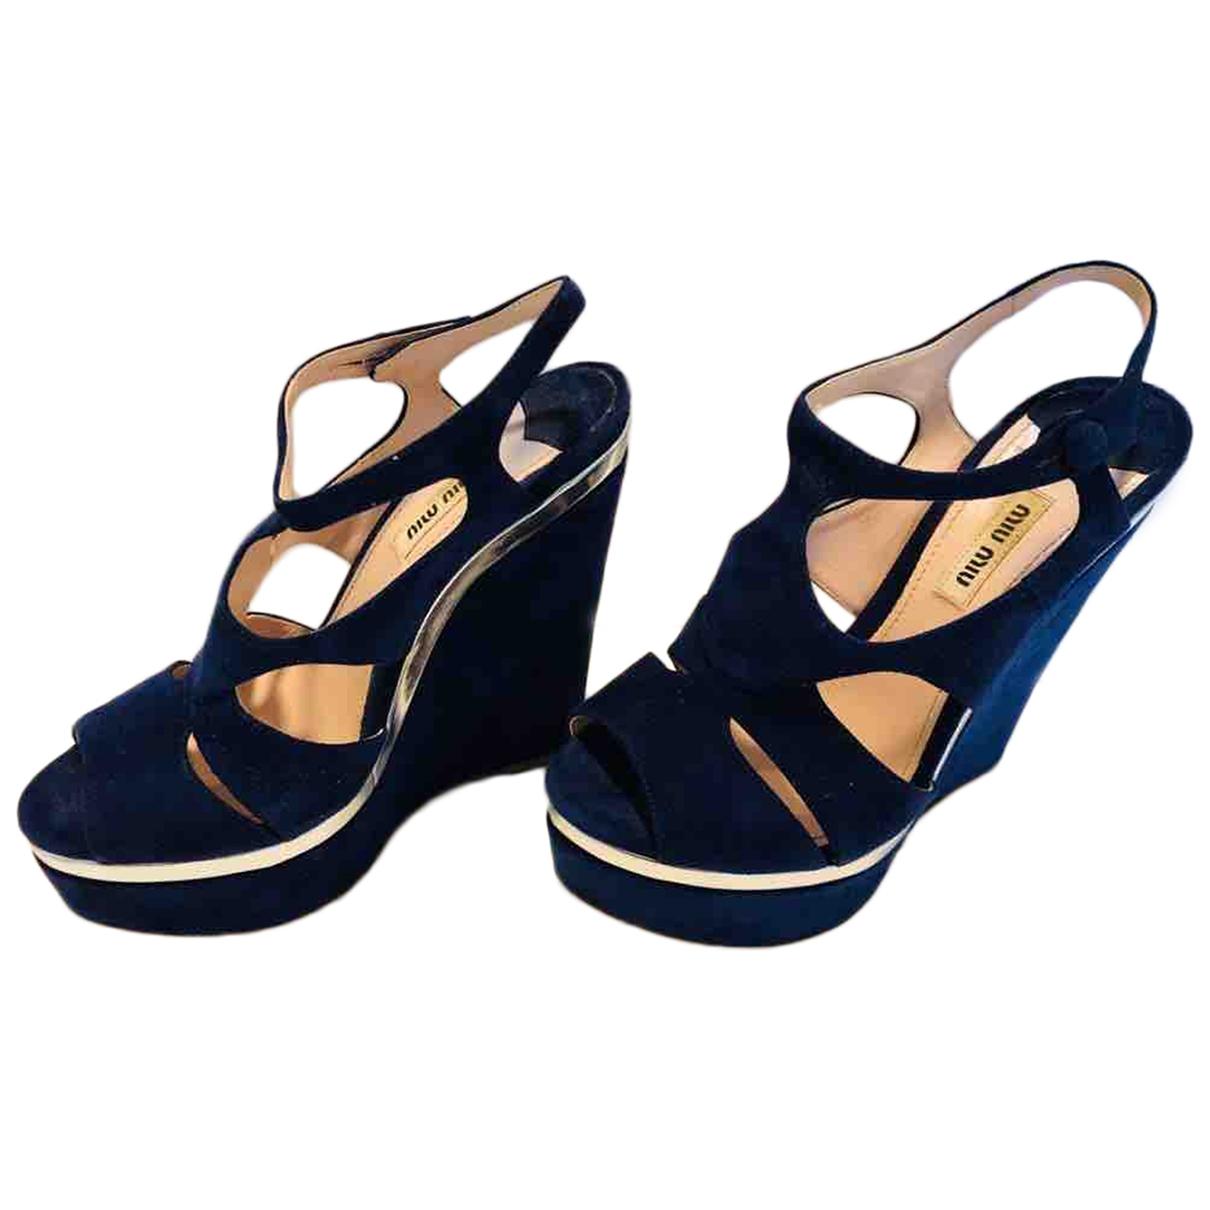 Miu Miu \N Sandalen in  Blau Veloursleder